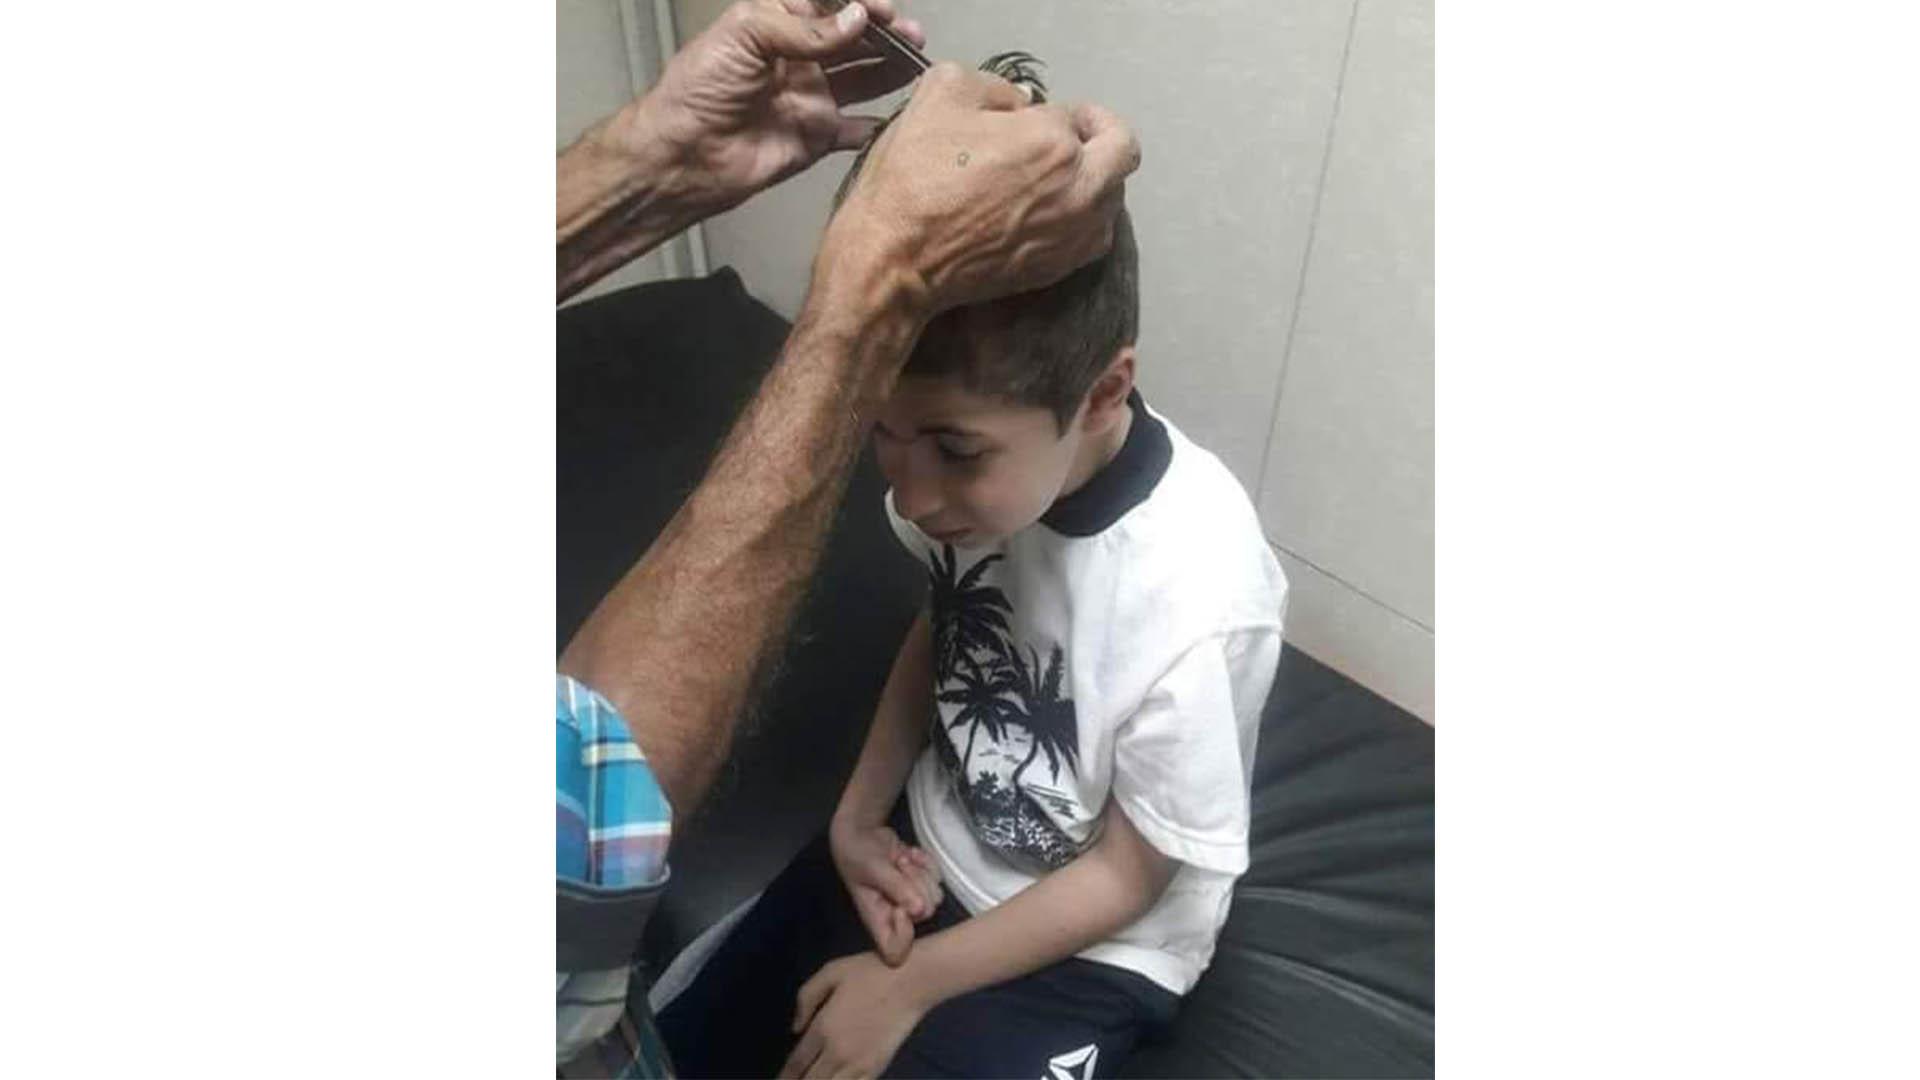 """بالصور/ على جسده آثار كدمات وفي رأسه نزيف .. """"علي"""" تعرض لضرب مبرح من معلمته في إحدى المدارس السورية"""